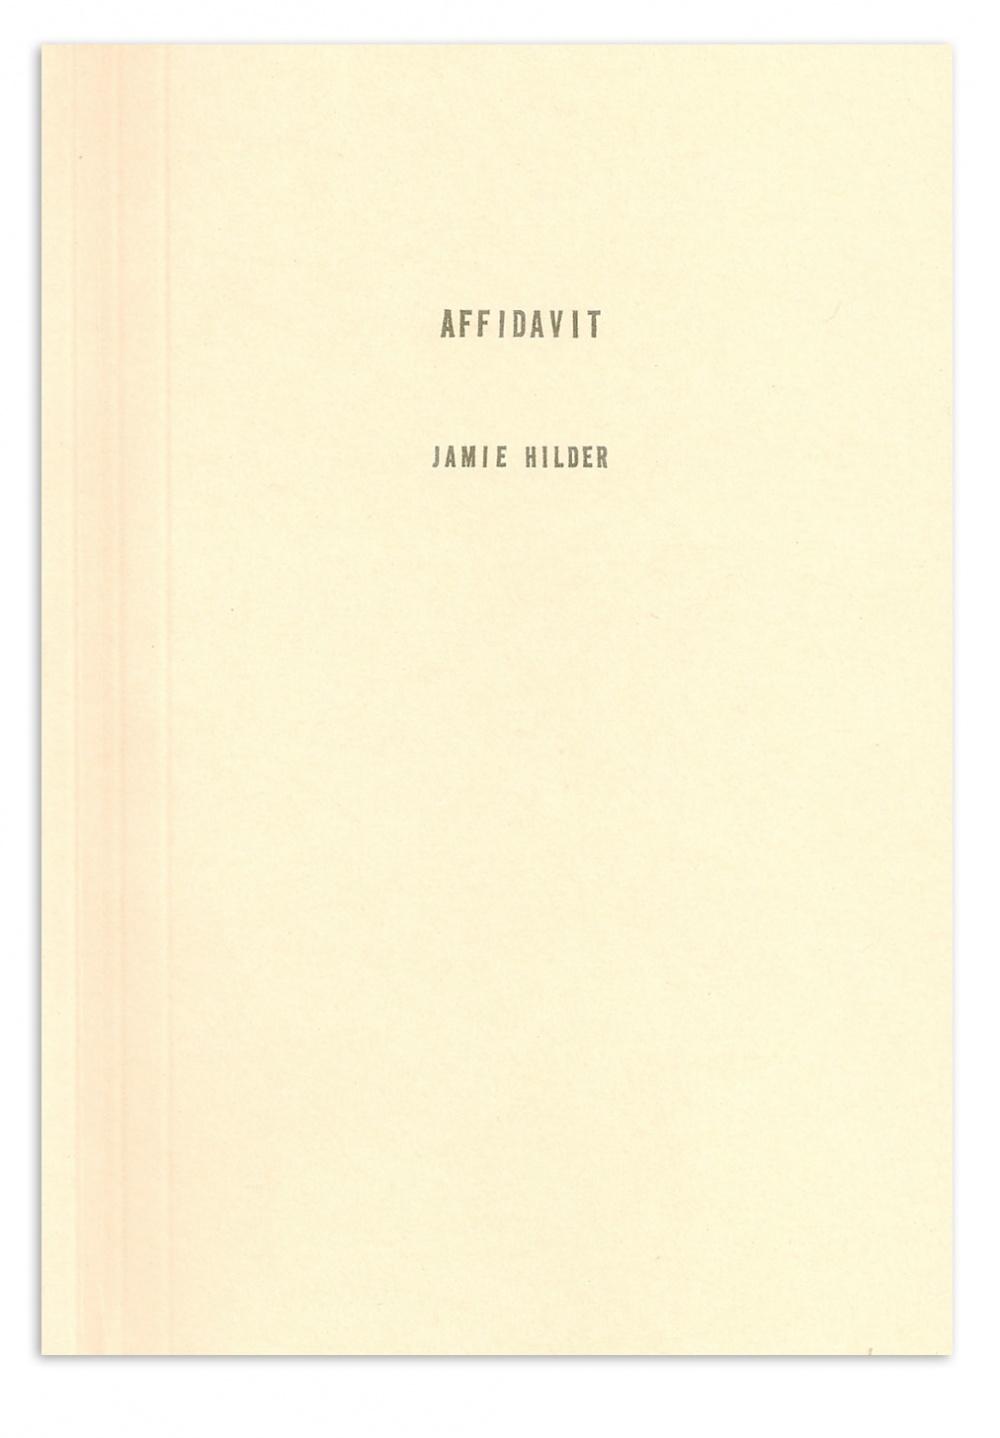 Affidavit by Jamie Hilder